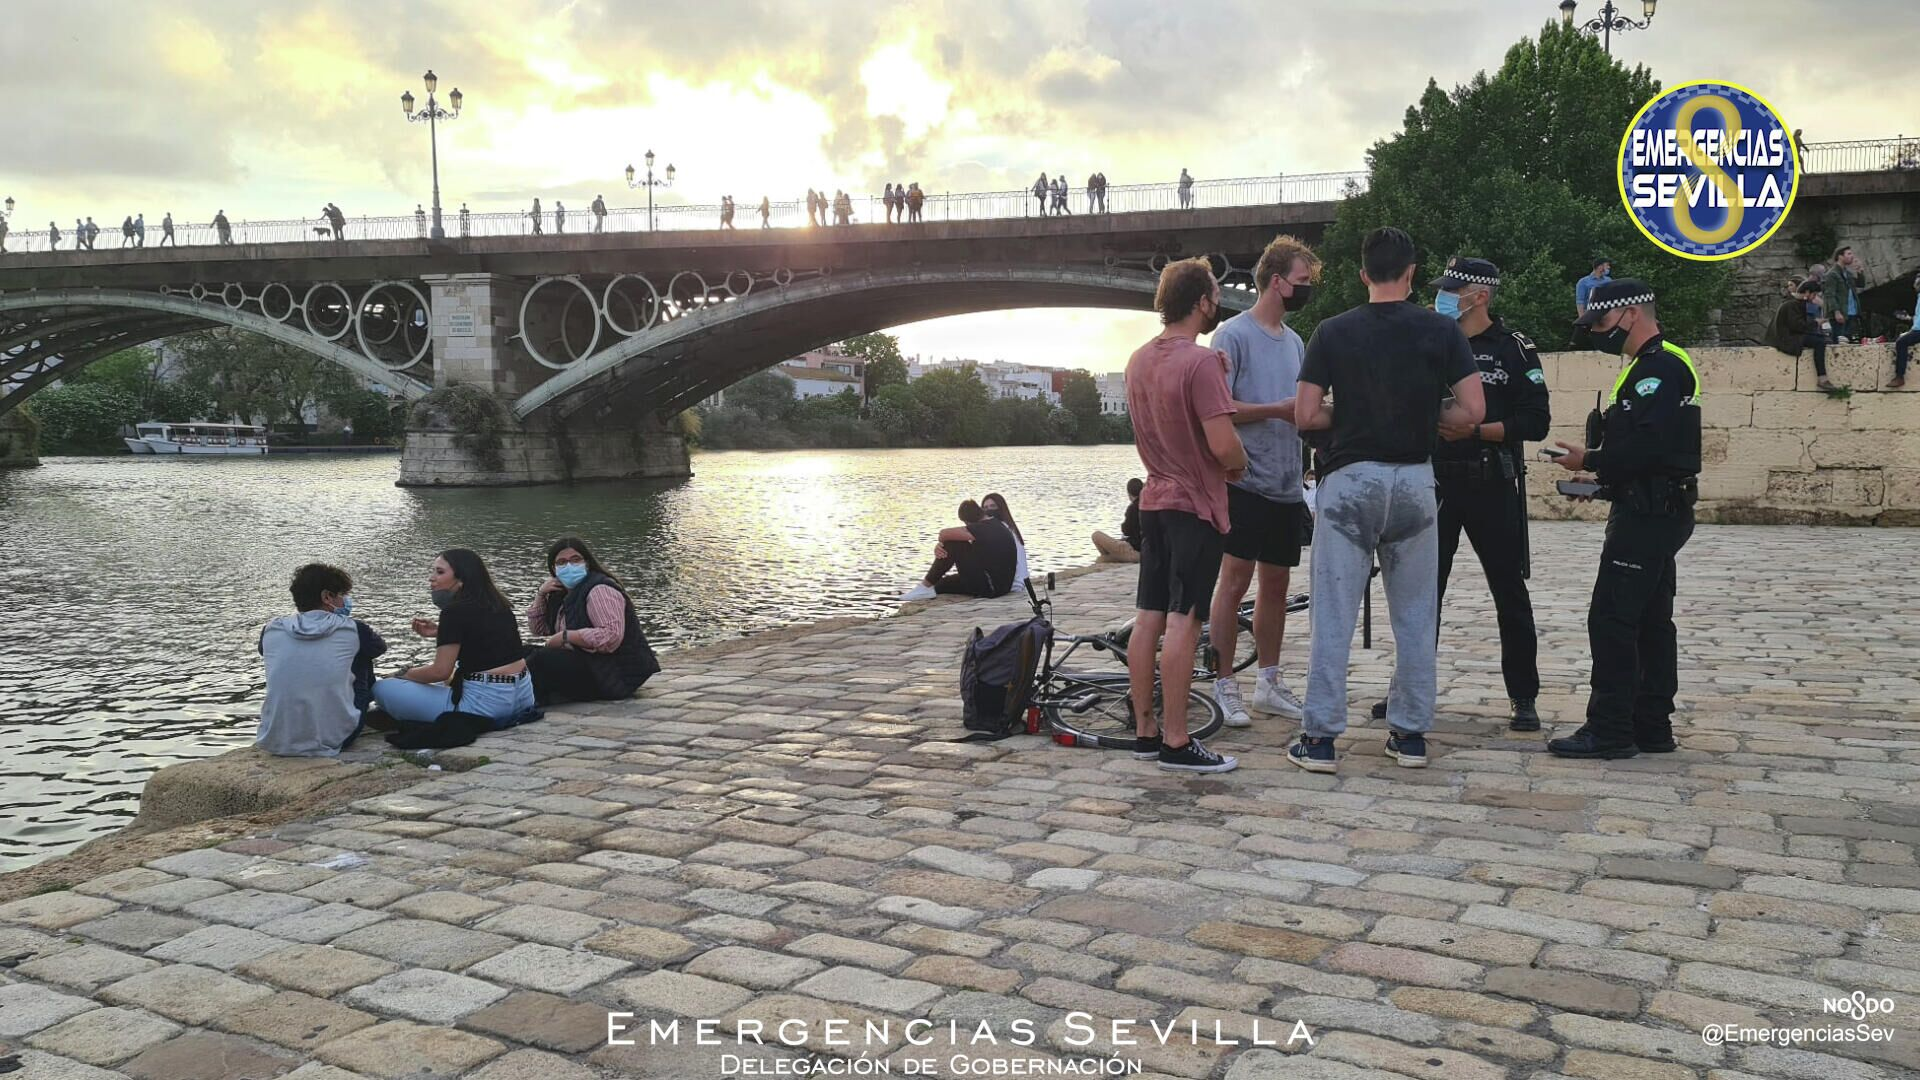 Imagen de Emergencias Sevilla sobre jóvenes extranjeros que saltaron desde el Puente de Triana  - Sputnik Mundo, 1920, 26.04.2021